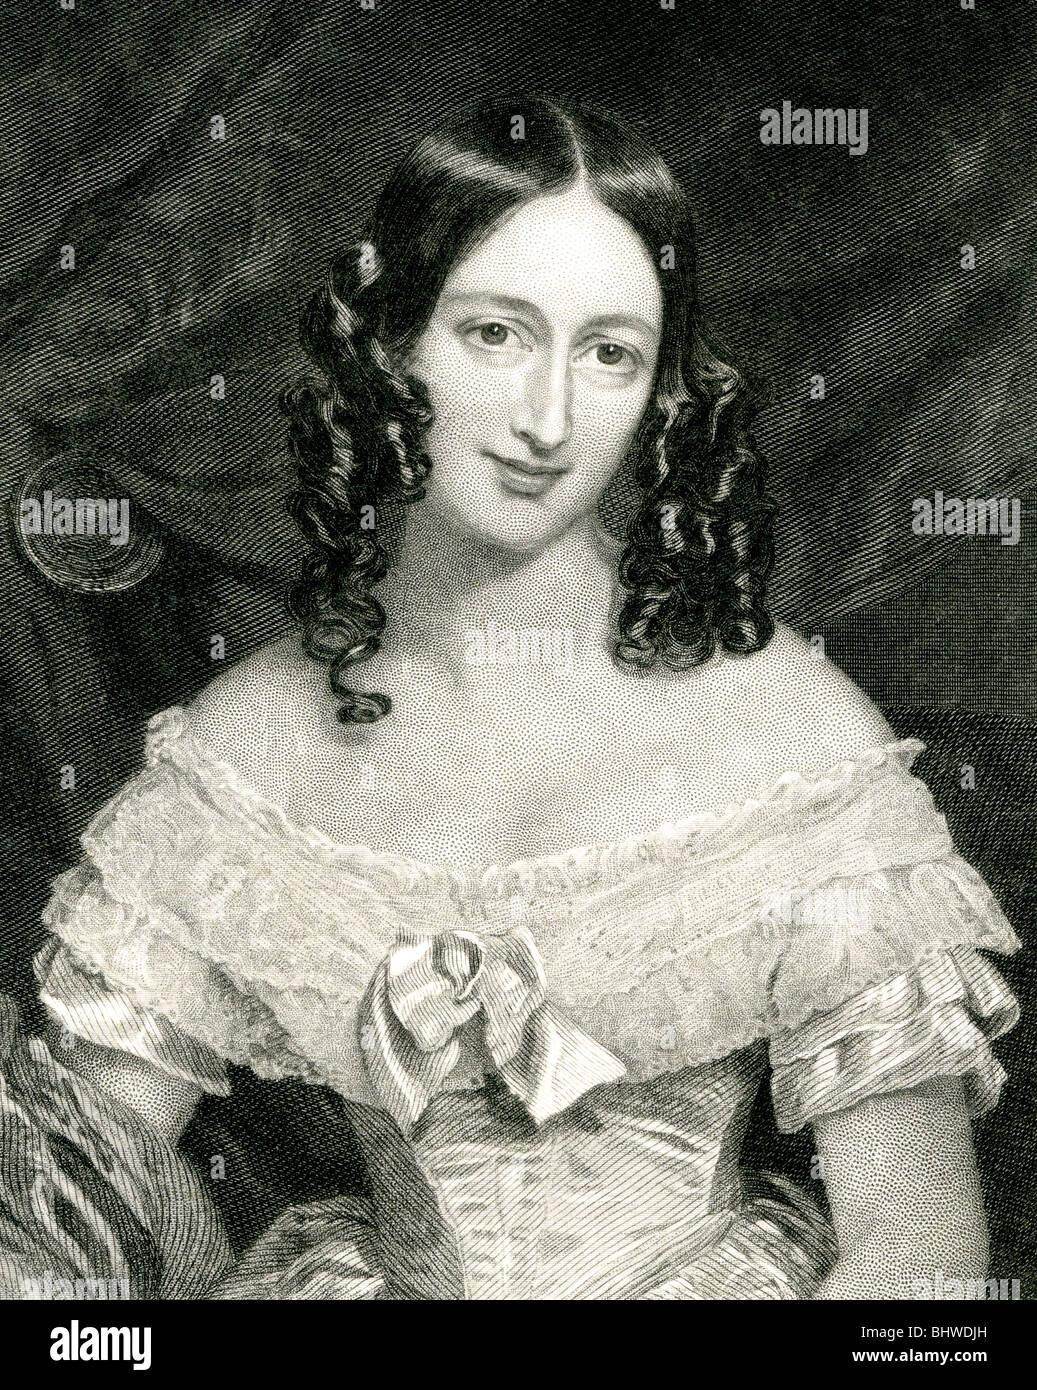 Onorevole CHARLES KEAN - moglie del Vittoriano attore Immagini Stock